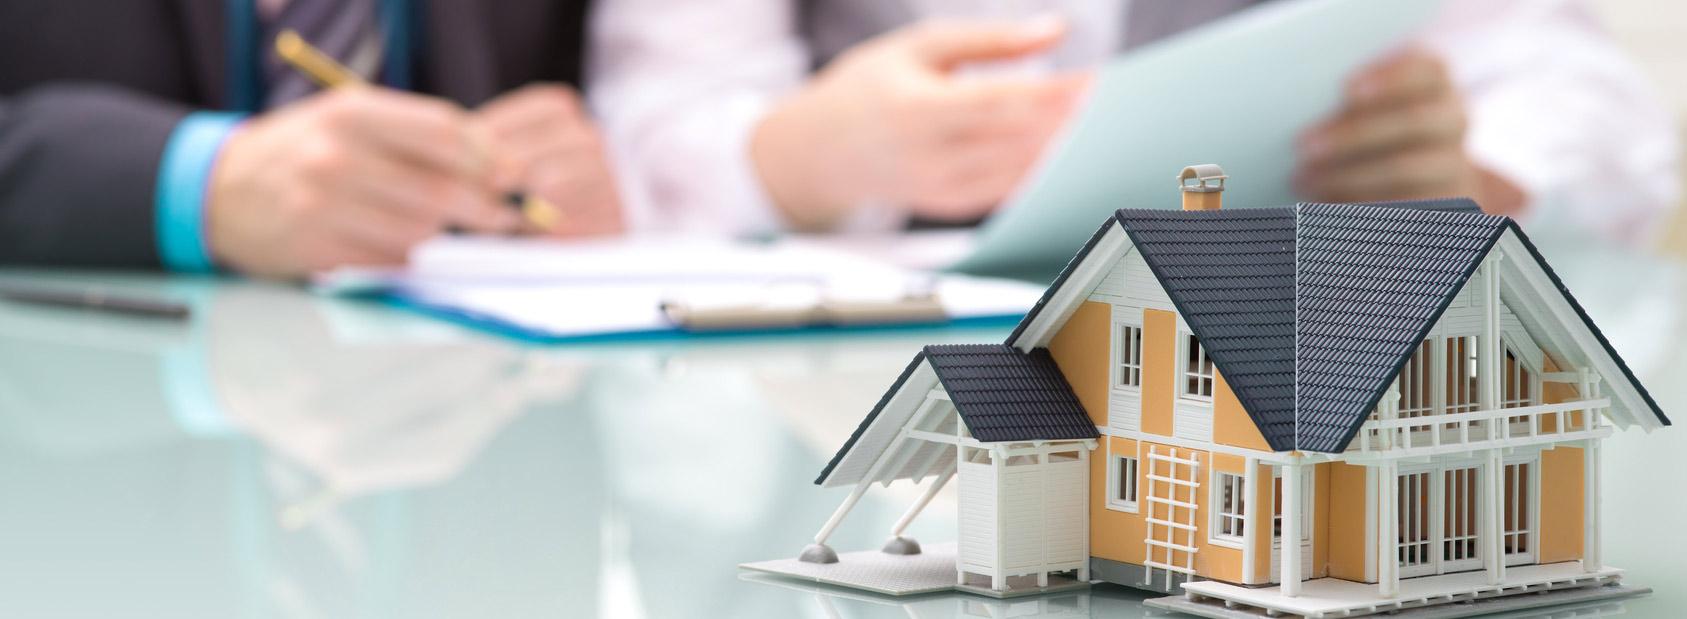 Maison à vendre : Le guide pour devenir propriétaire